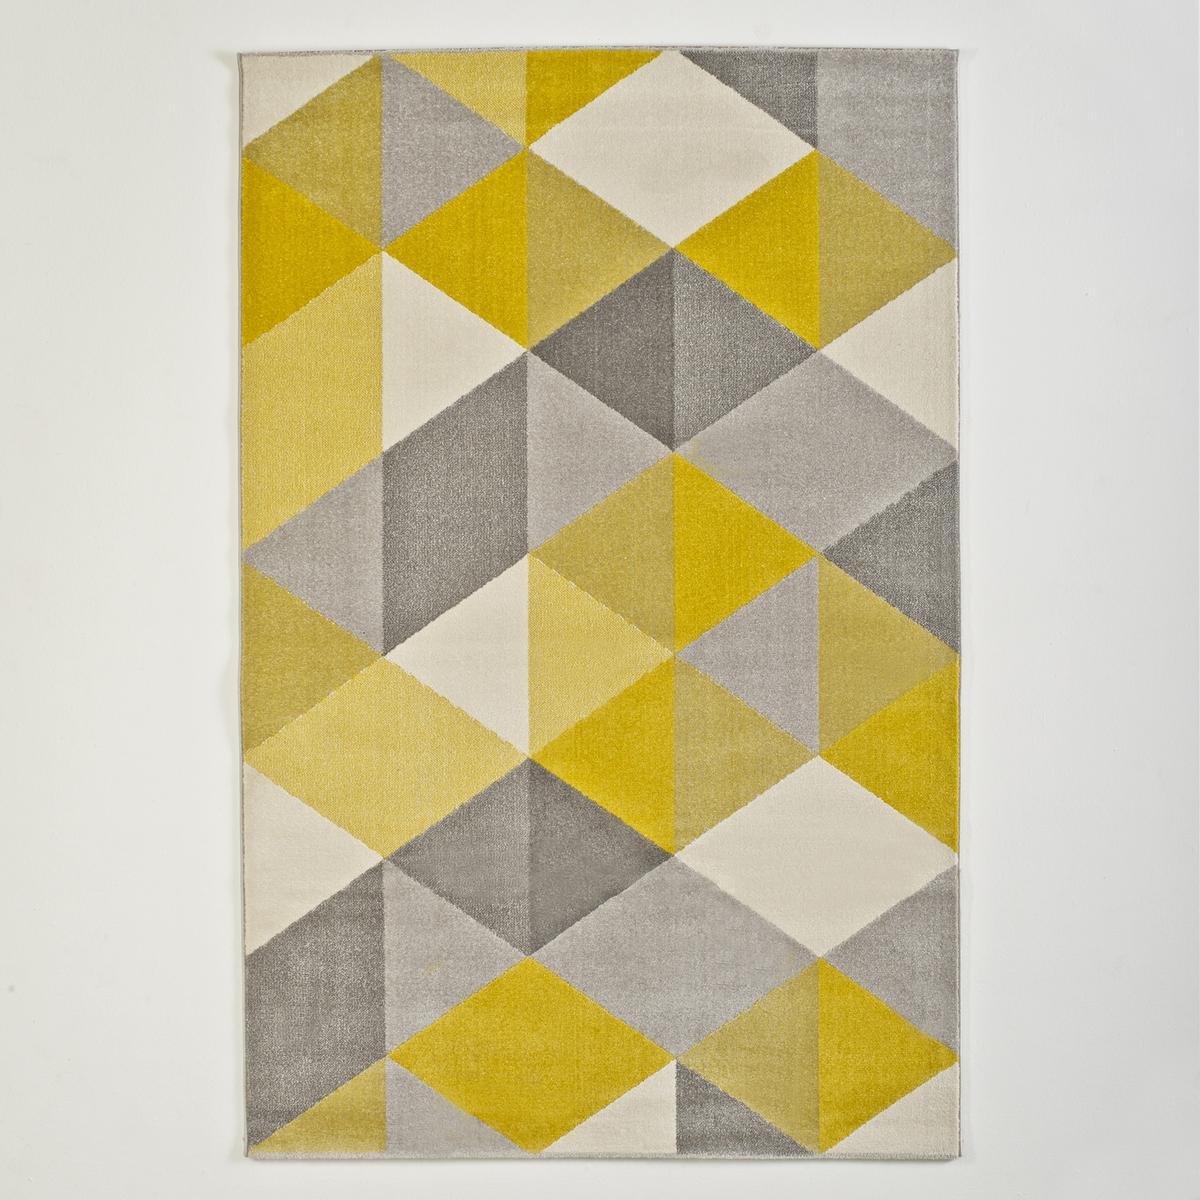 Ковер La Redoute Agasta 120 x 170 см желтый